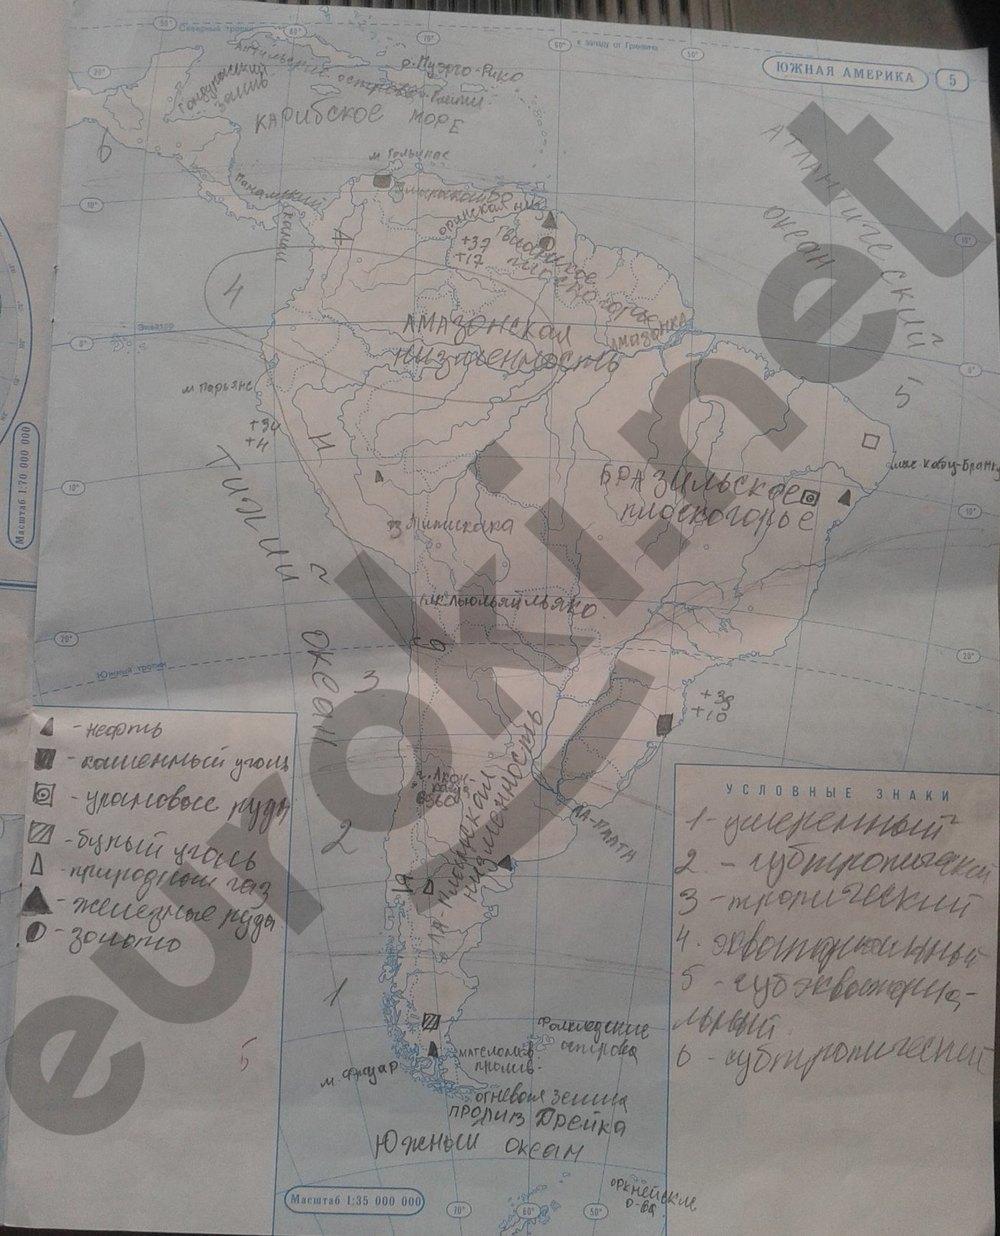 7 контурным картам по котляр класс по гдз 2019 географии